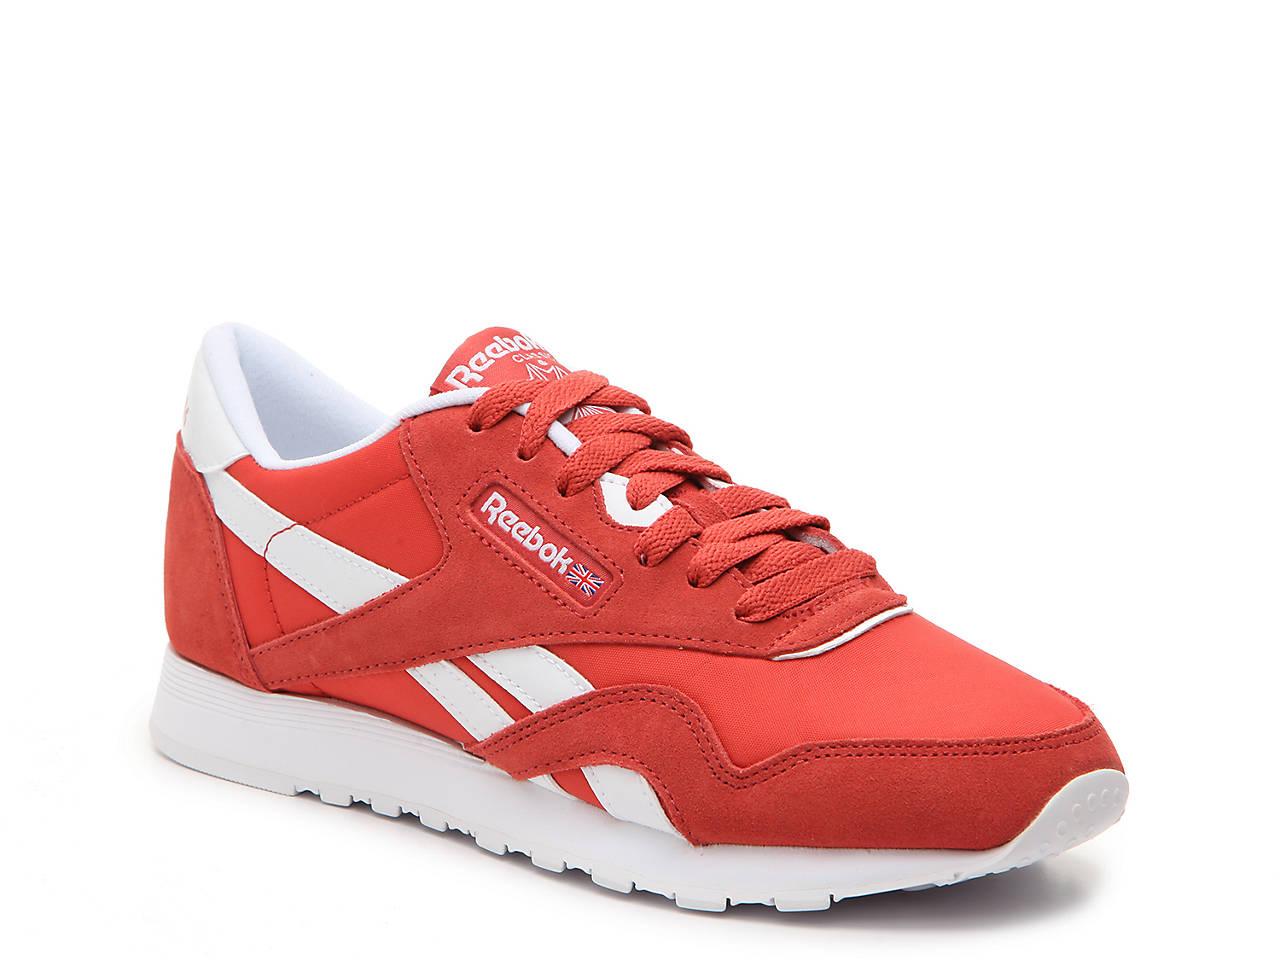 56e77448d034c Reebok CL Nylon Neutrals Sneaker - Women s Women s Shoes